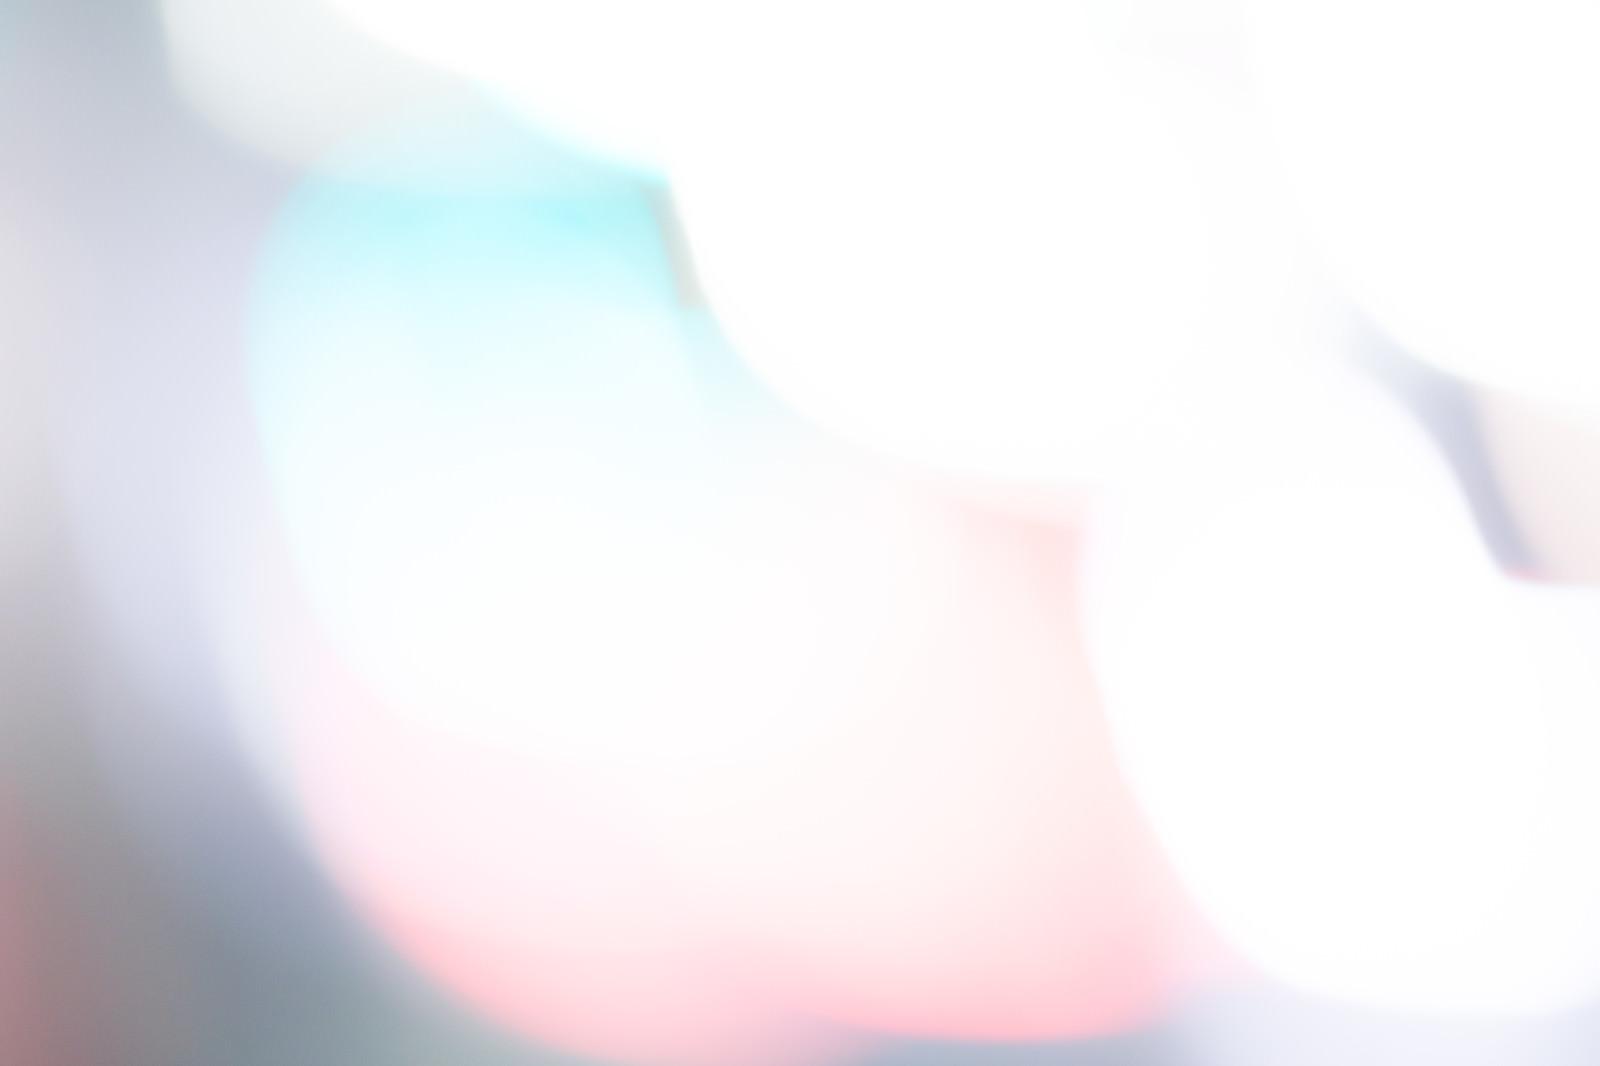 「閃光とボケ味」の写真